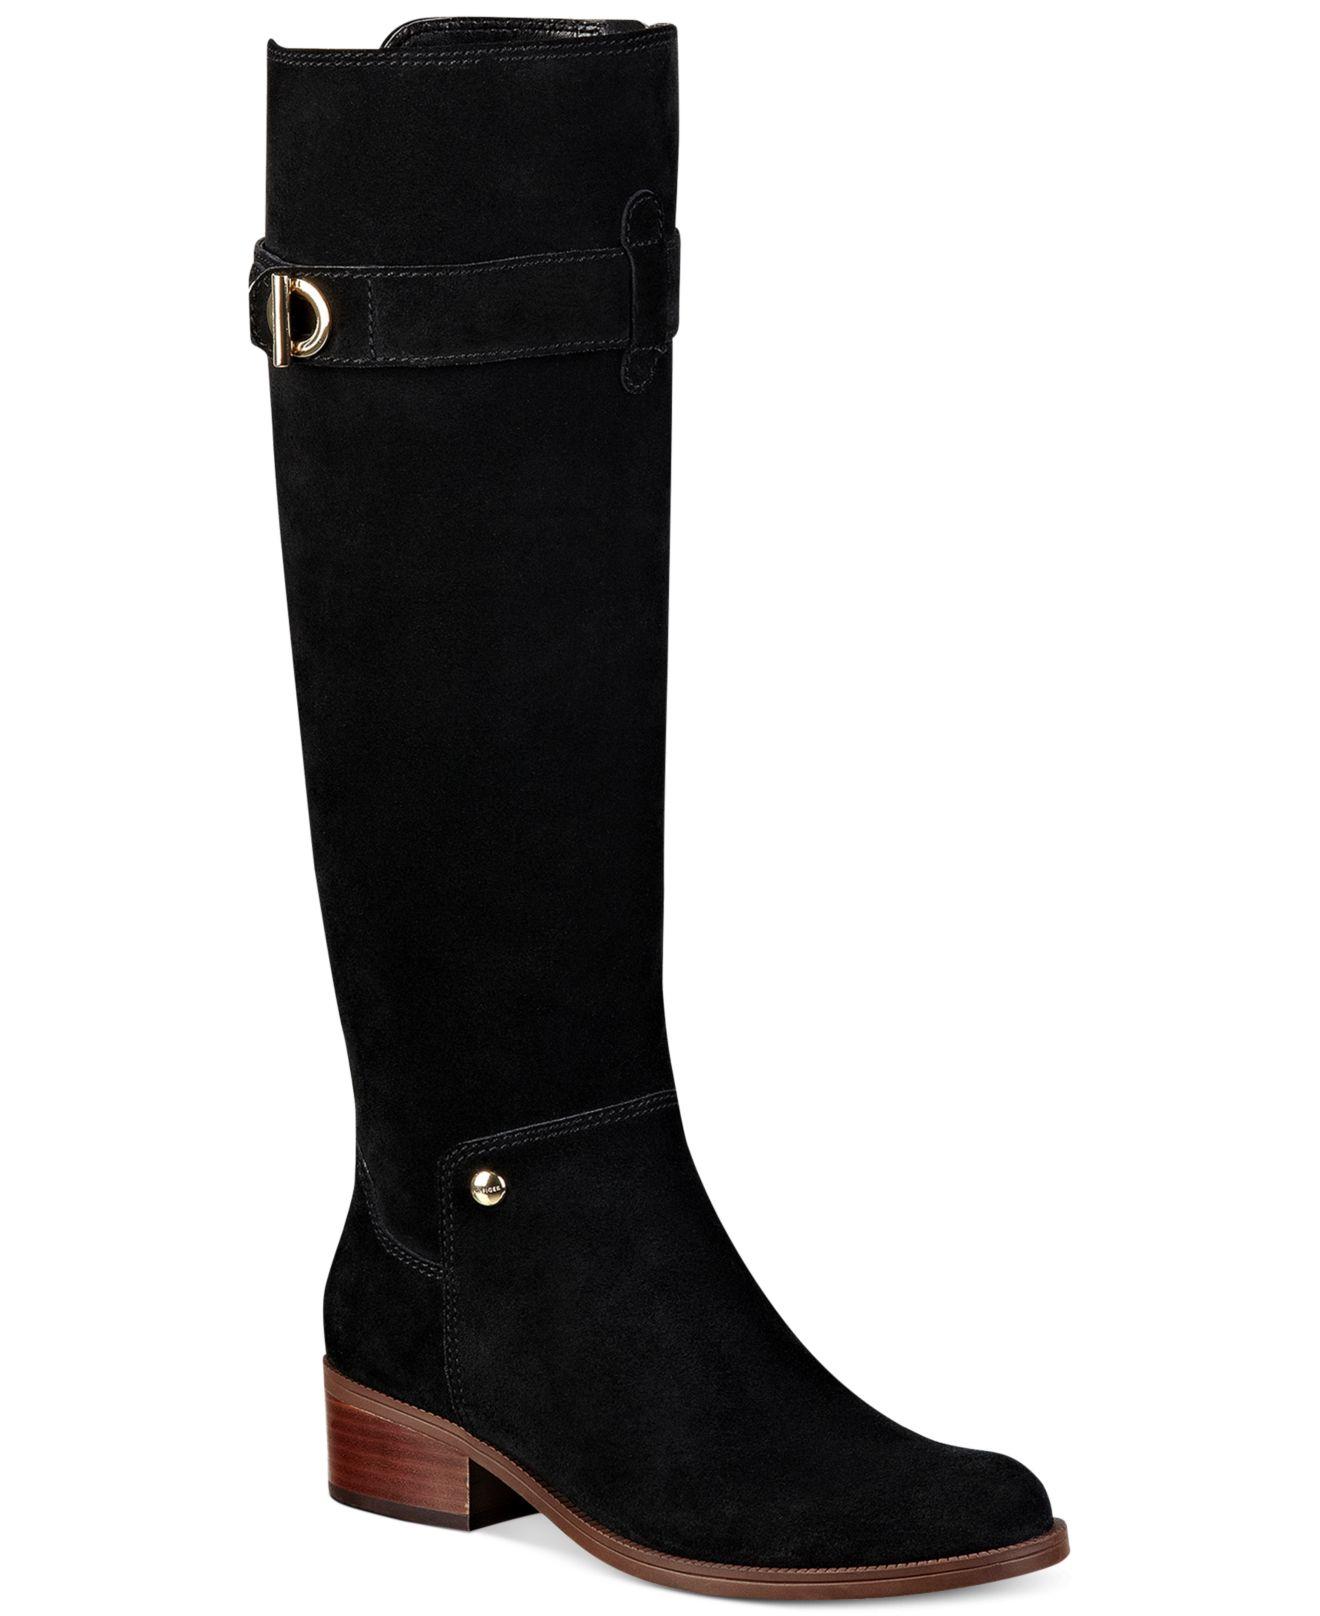 boots tommy hilfiger damen buy tommy hilfiger womens penelope leather block heeled tommy. Black Bedroom Furniture Sets. Home Design Ideas